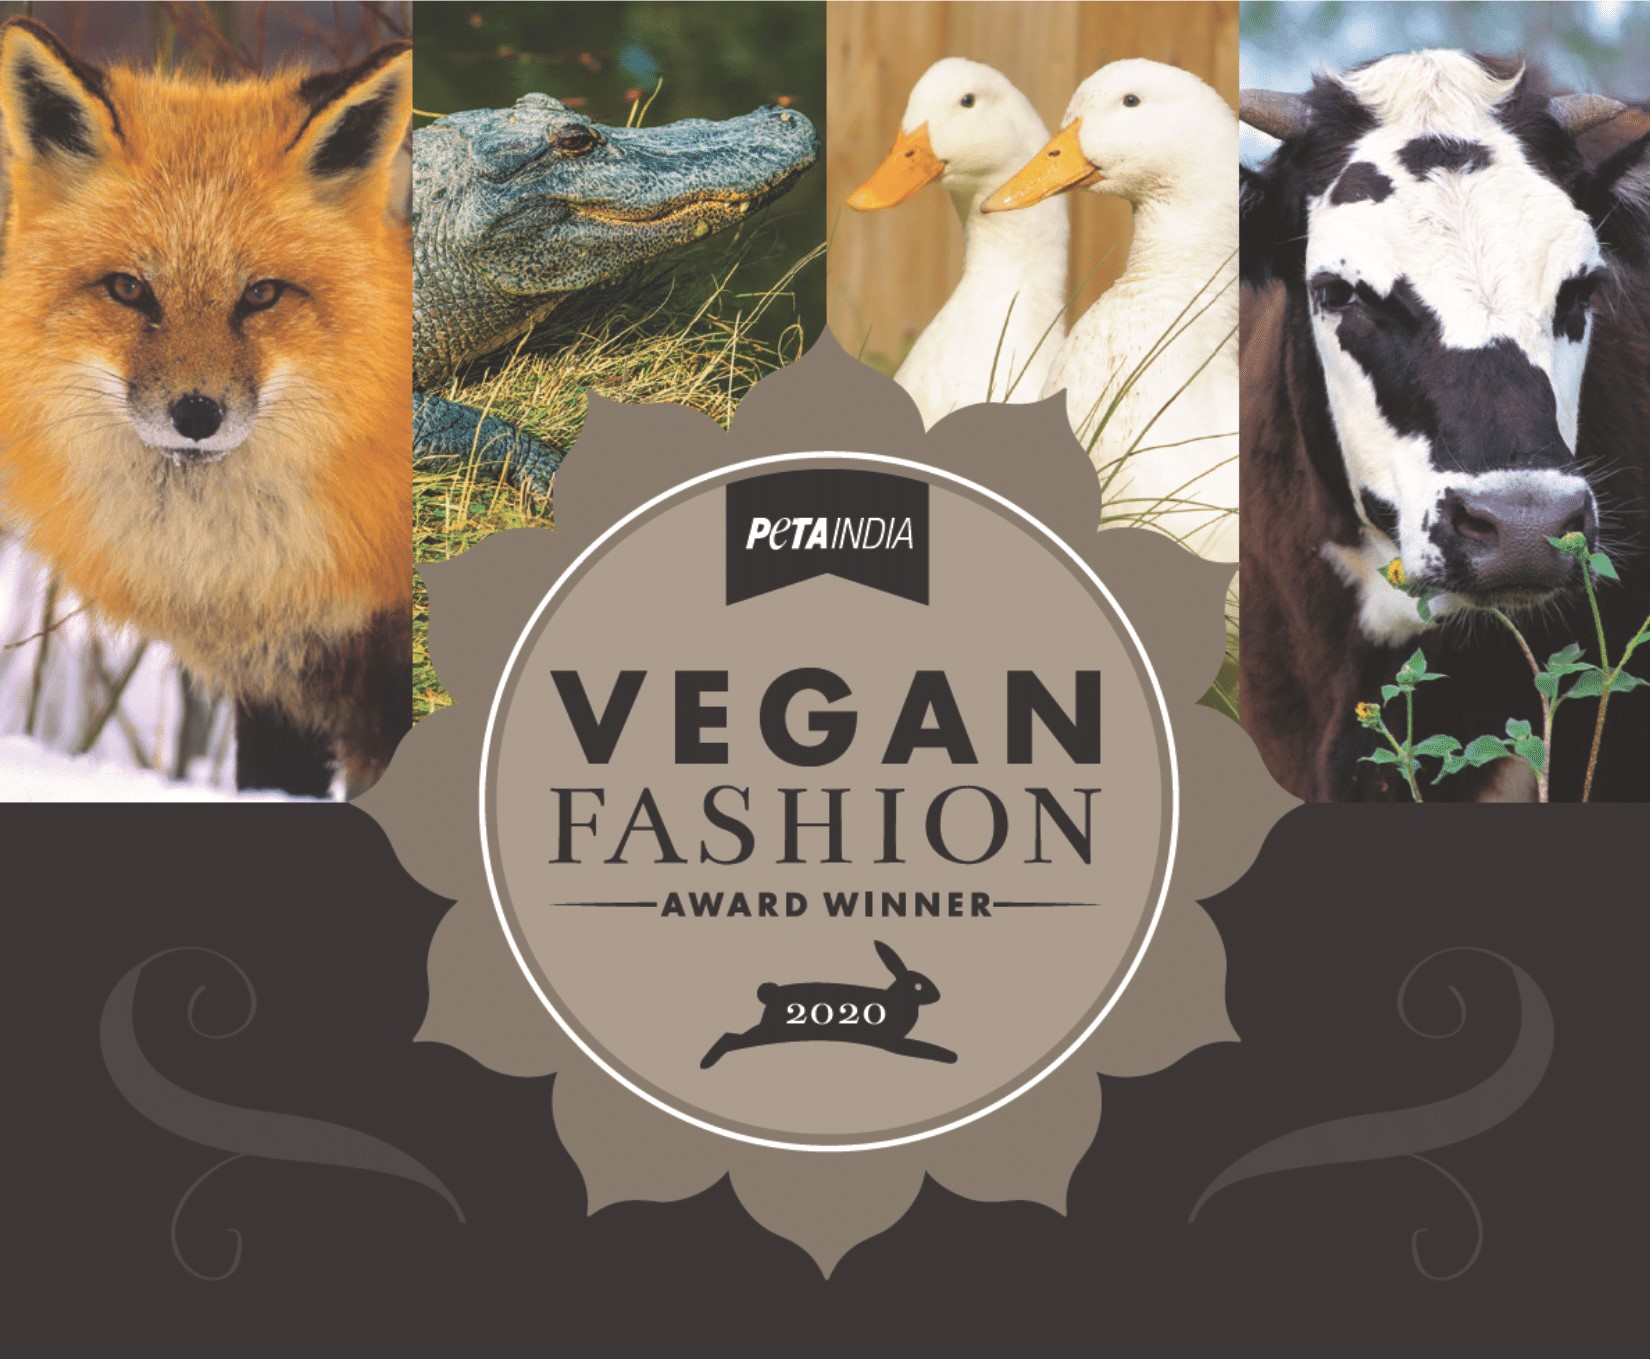 vegan fashion awards 2020